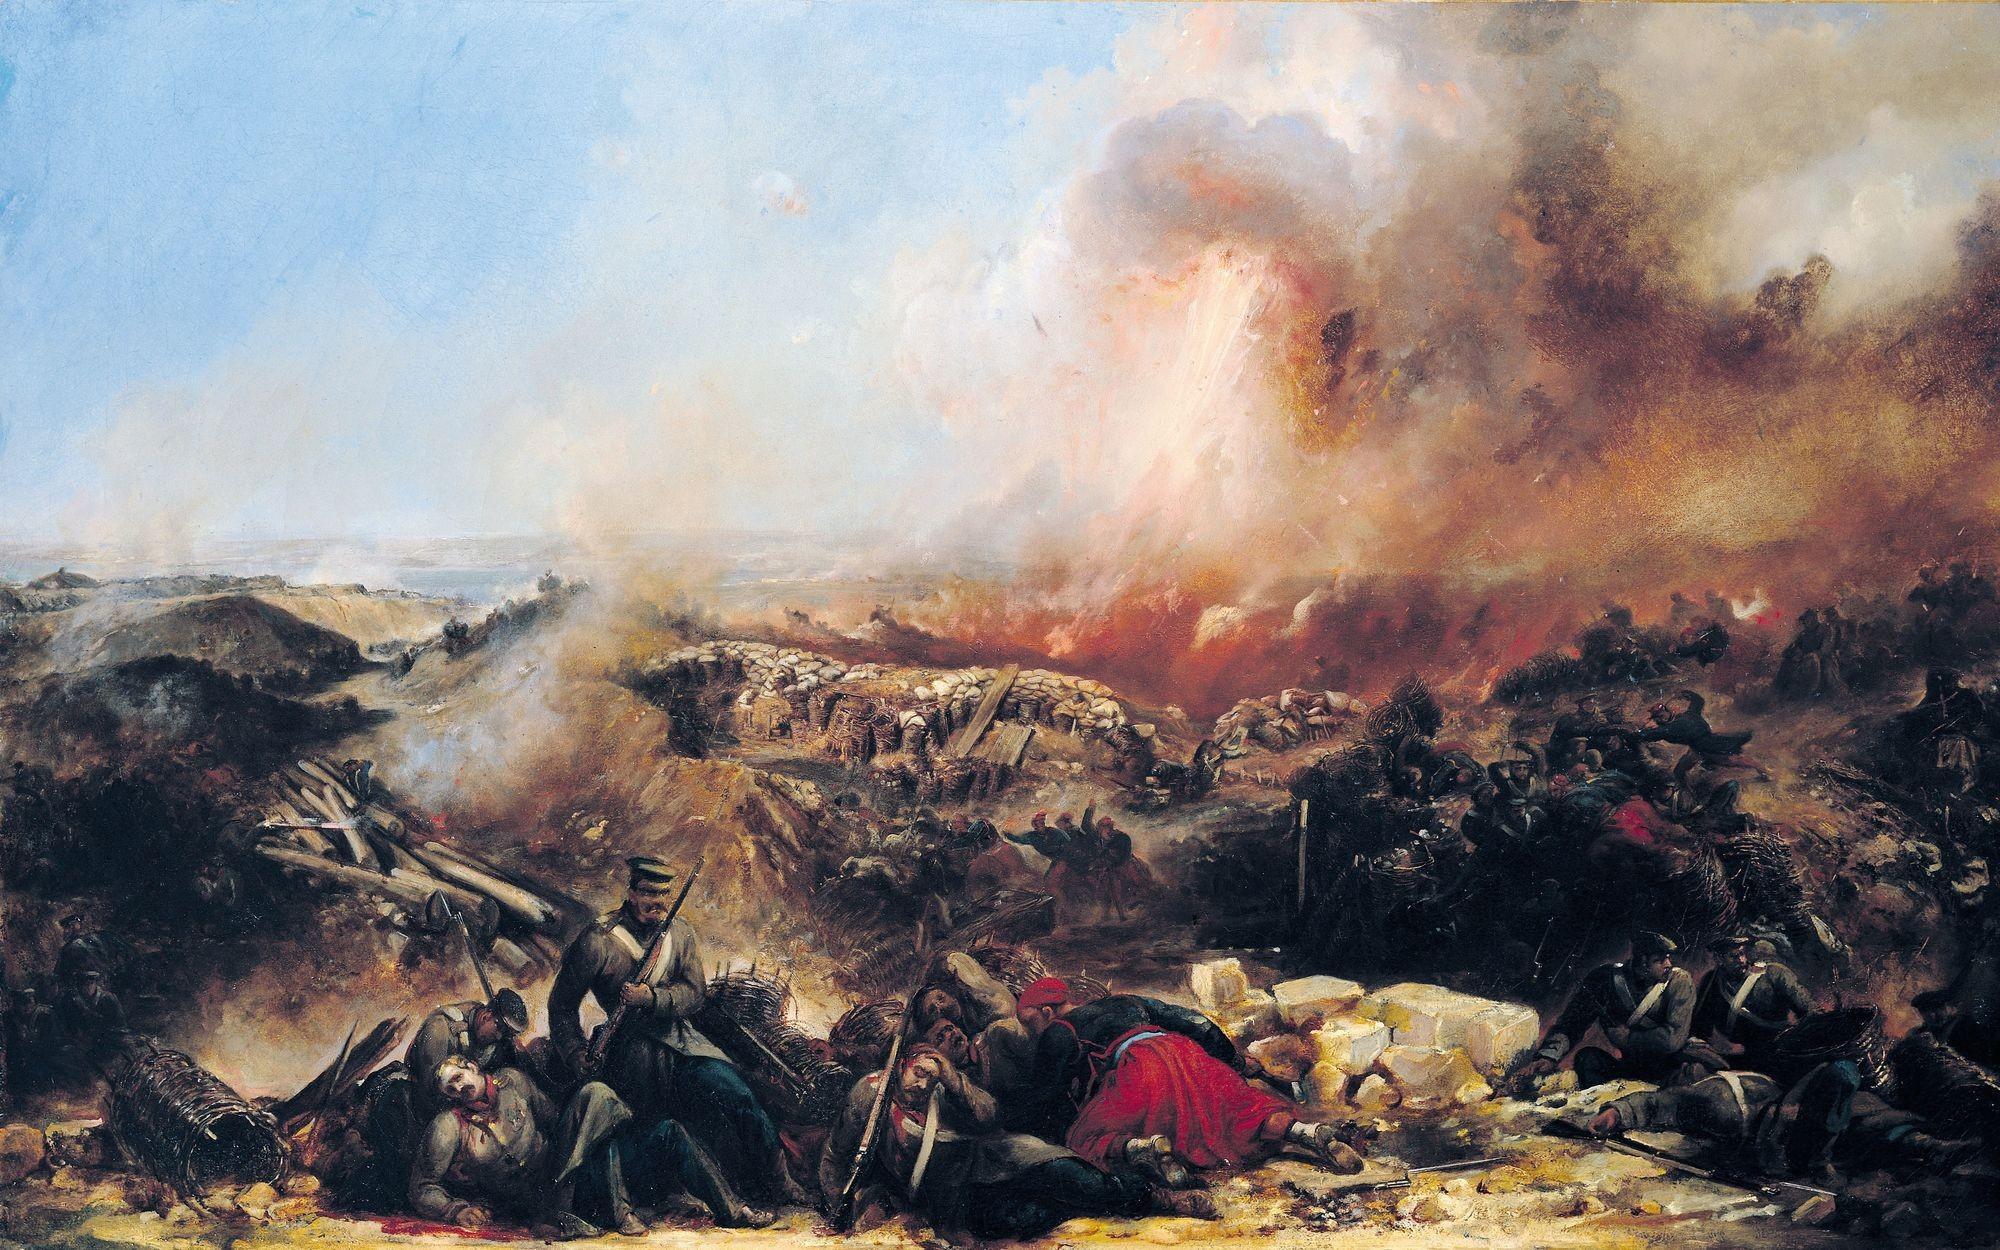 Jean-Charles Langlois, La Bataille de Sébastopol